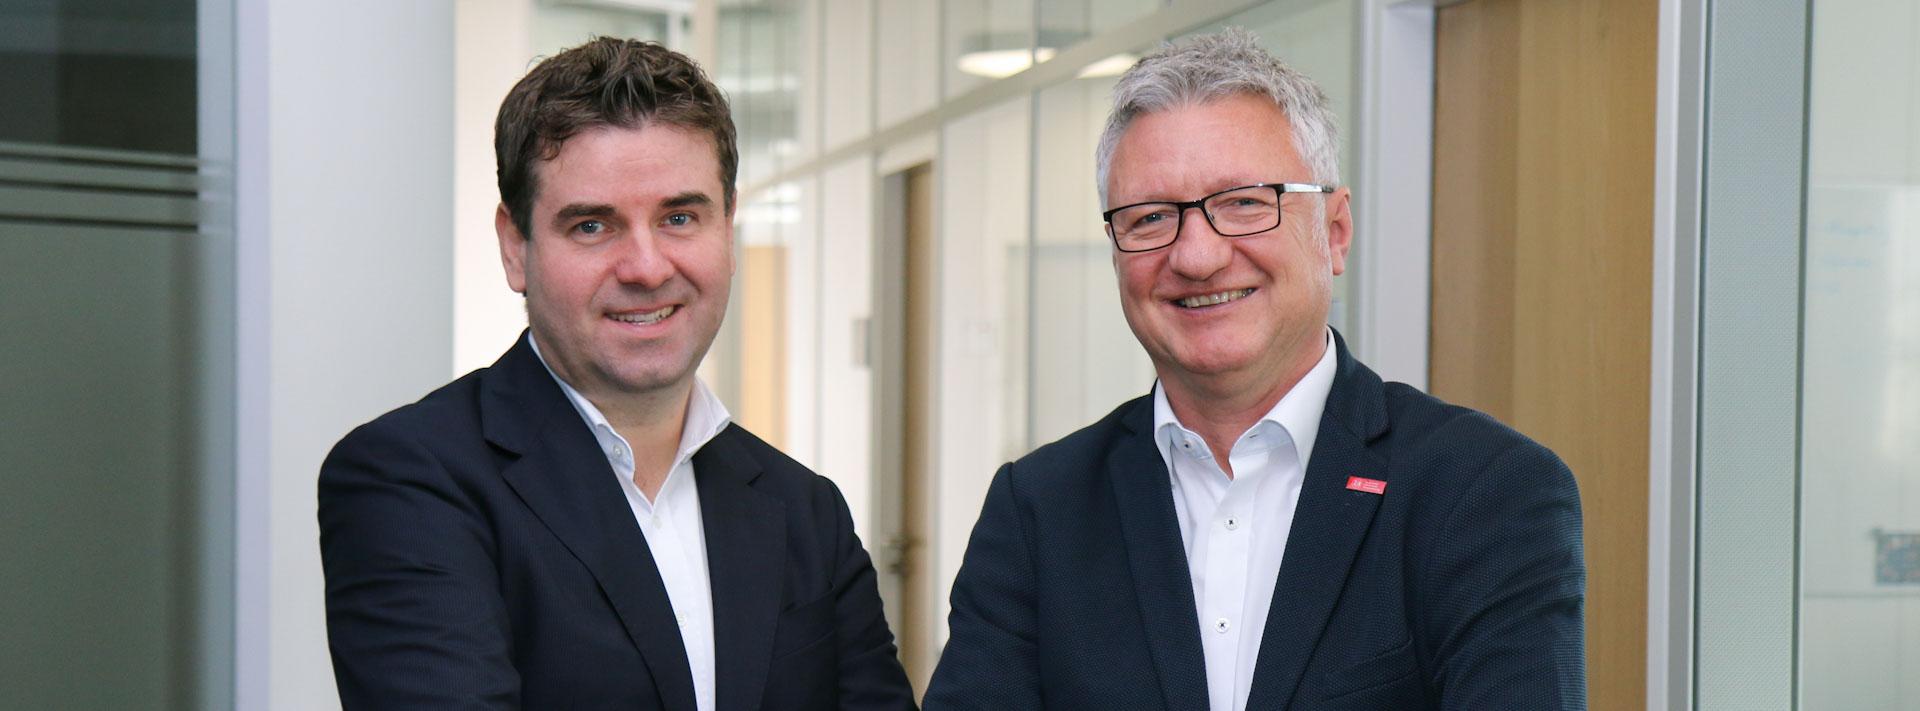 Prof. Dr. David Woisetschläger und Prof. Dr. Thomas Spengler